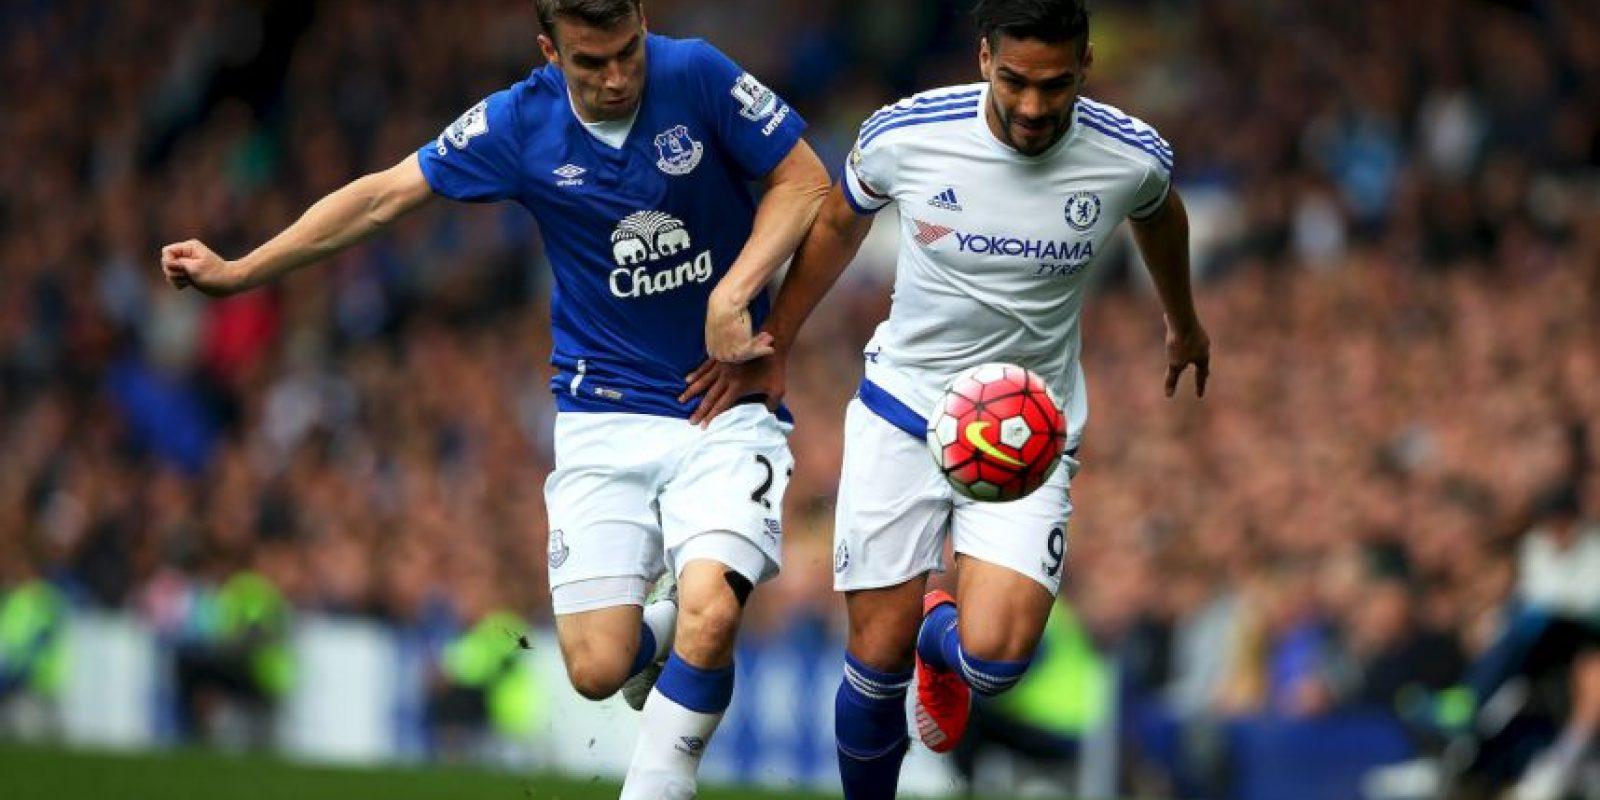 En toda la campaña, entre bajas de nivel y lesiones, sólo ha jugado 9 partidos en la Premier League. Foto:Getty Images